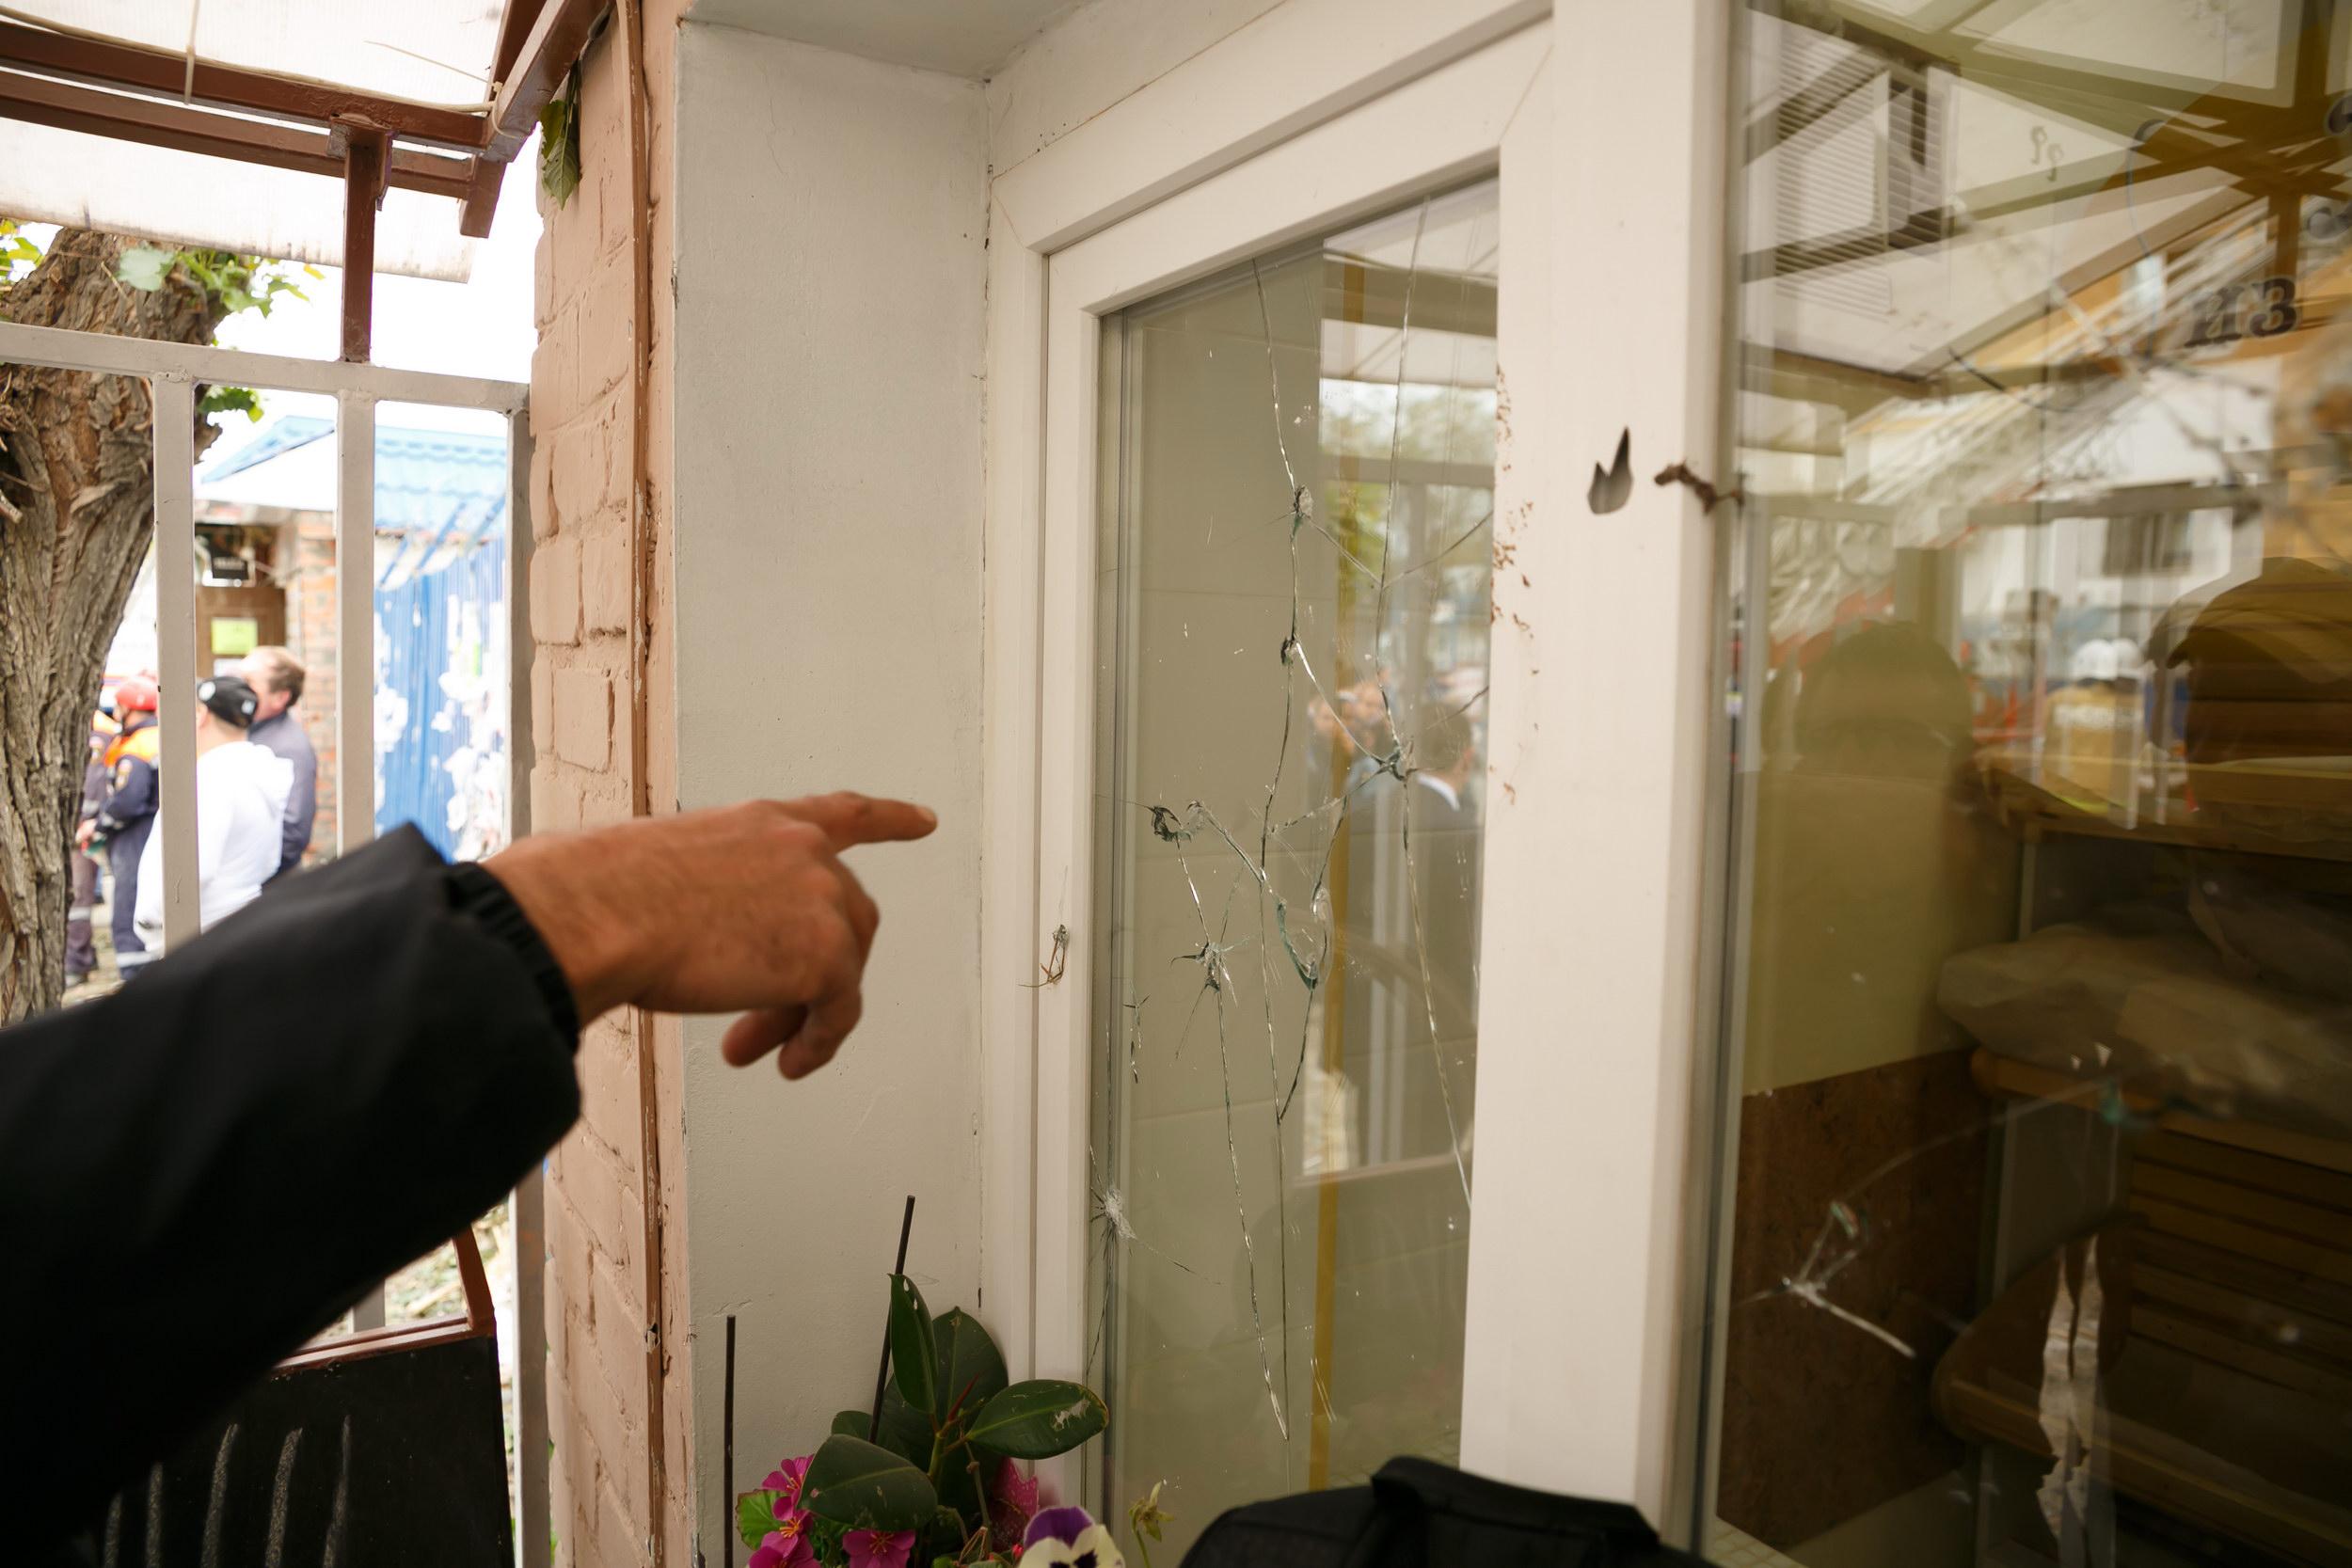 Граждан взорвавшегося дома временно разместят вближайшей школе